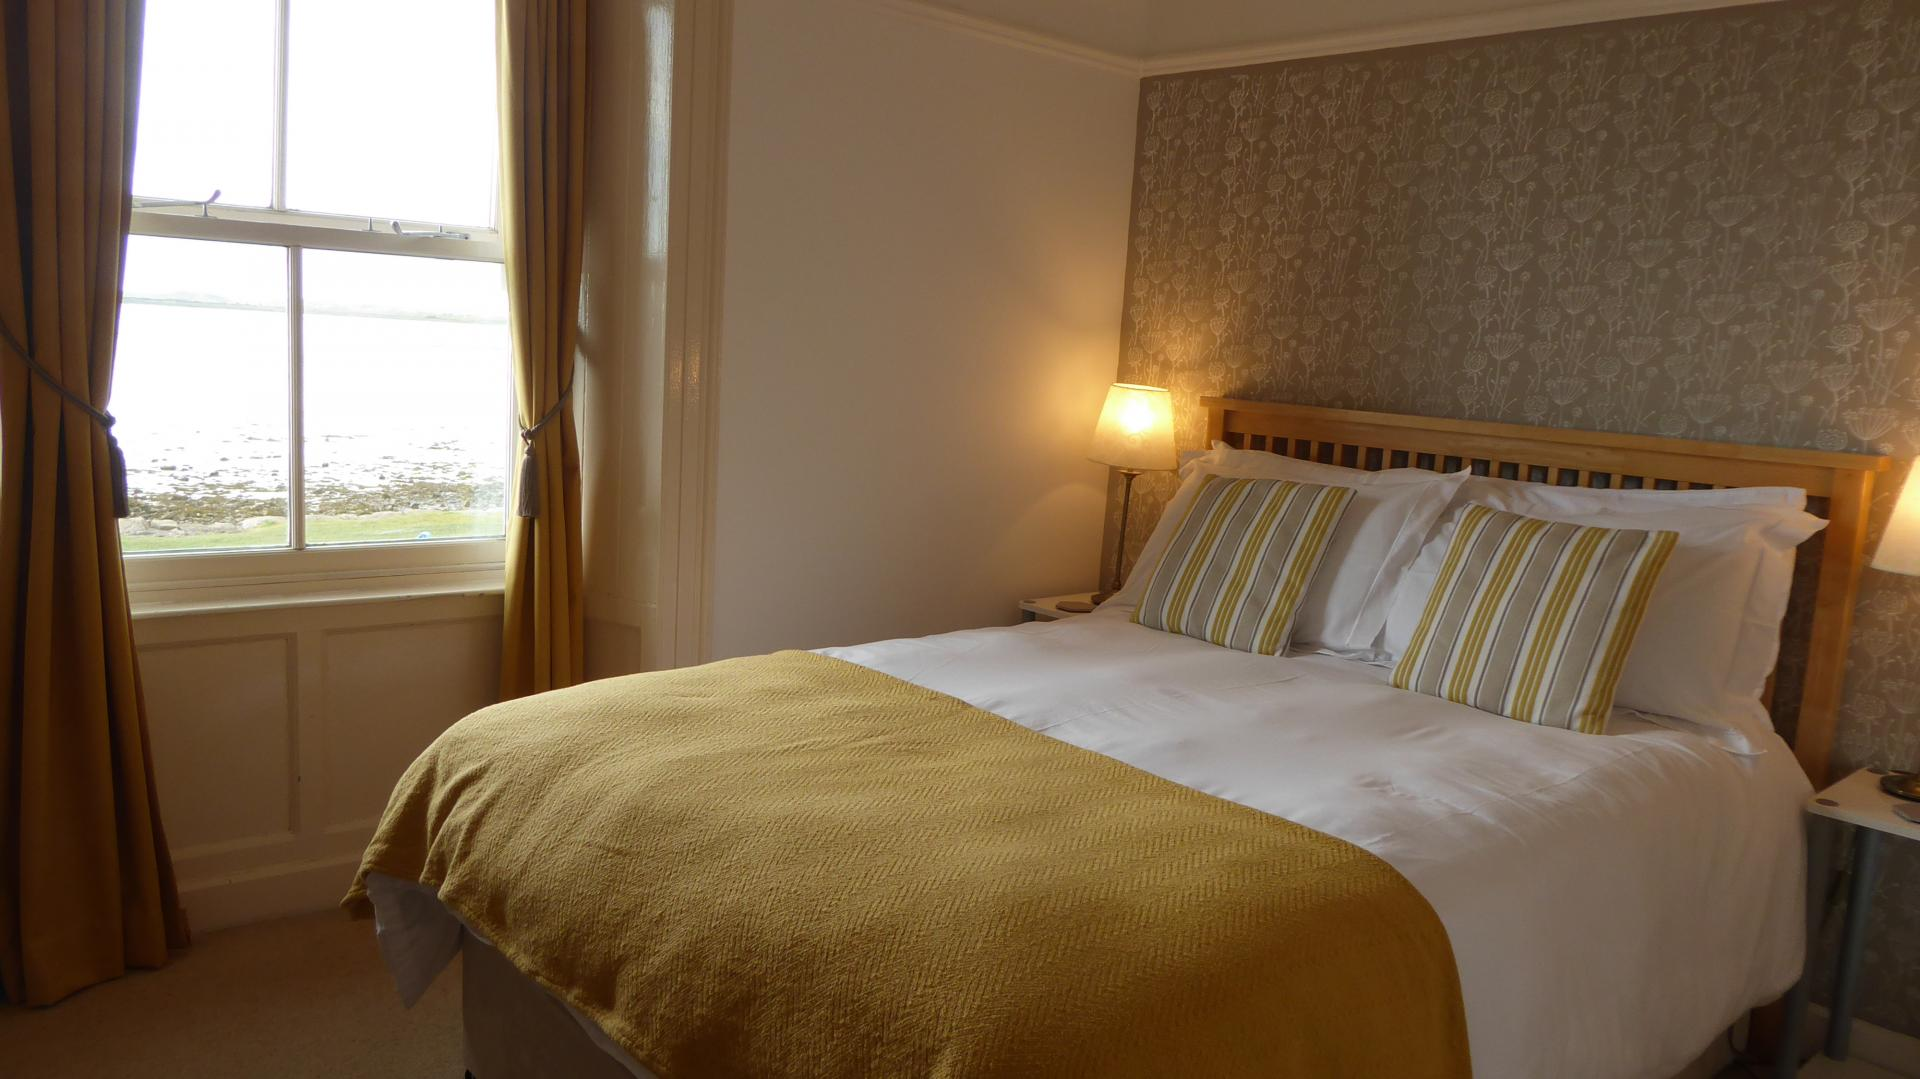 Standard Double with en-suite shower, Room 2